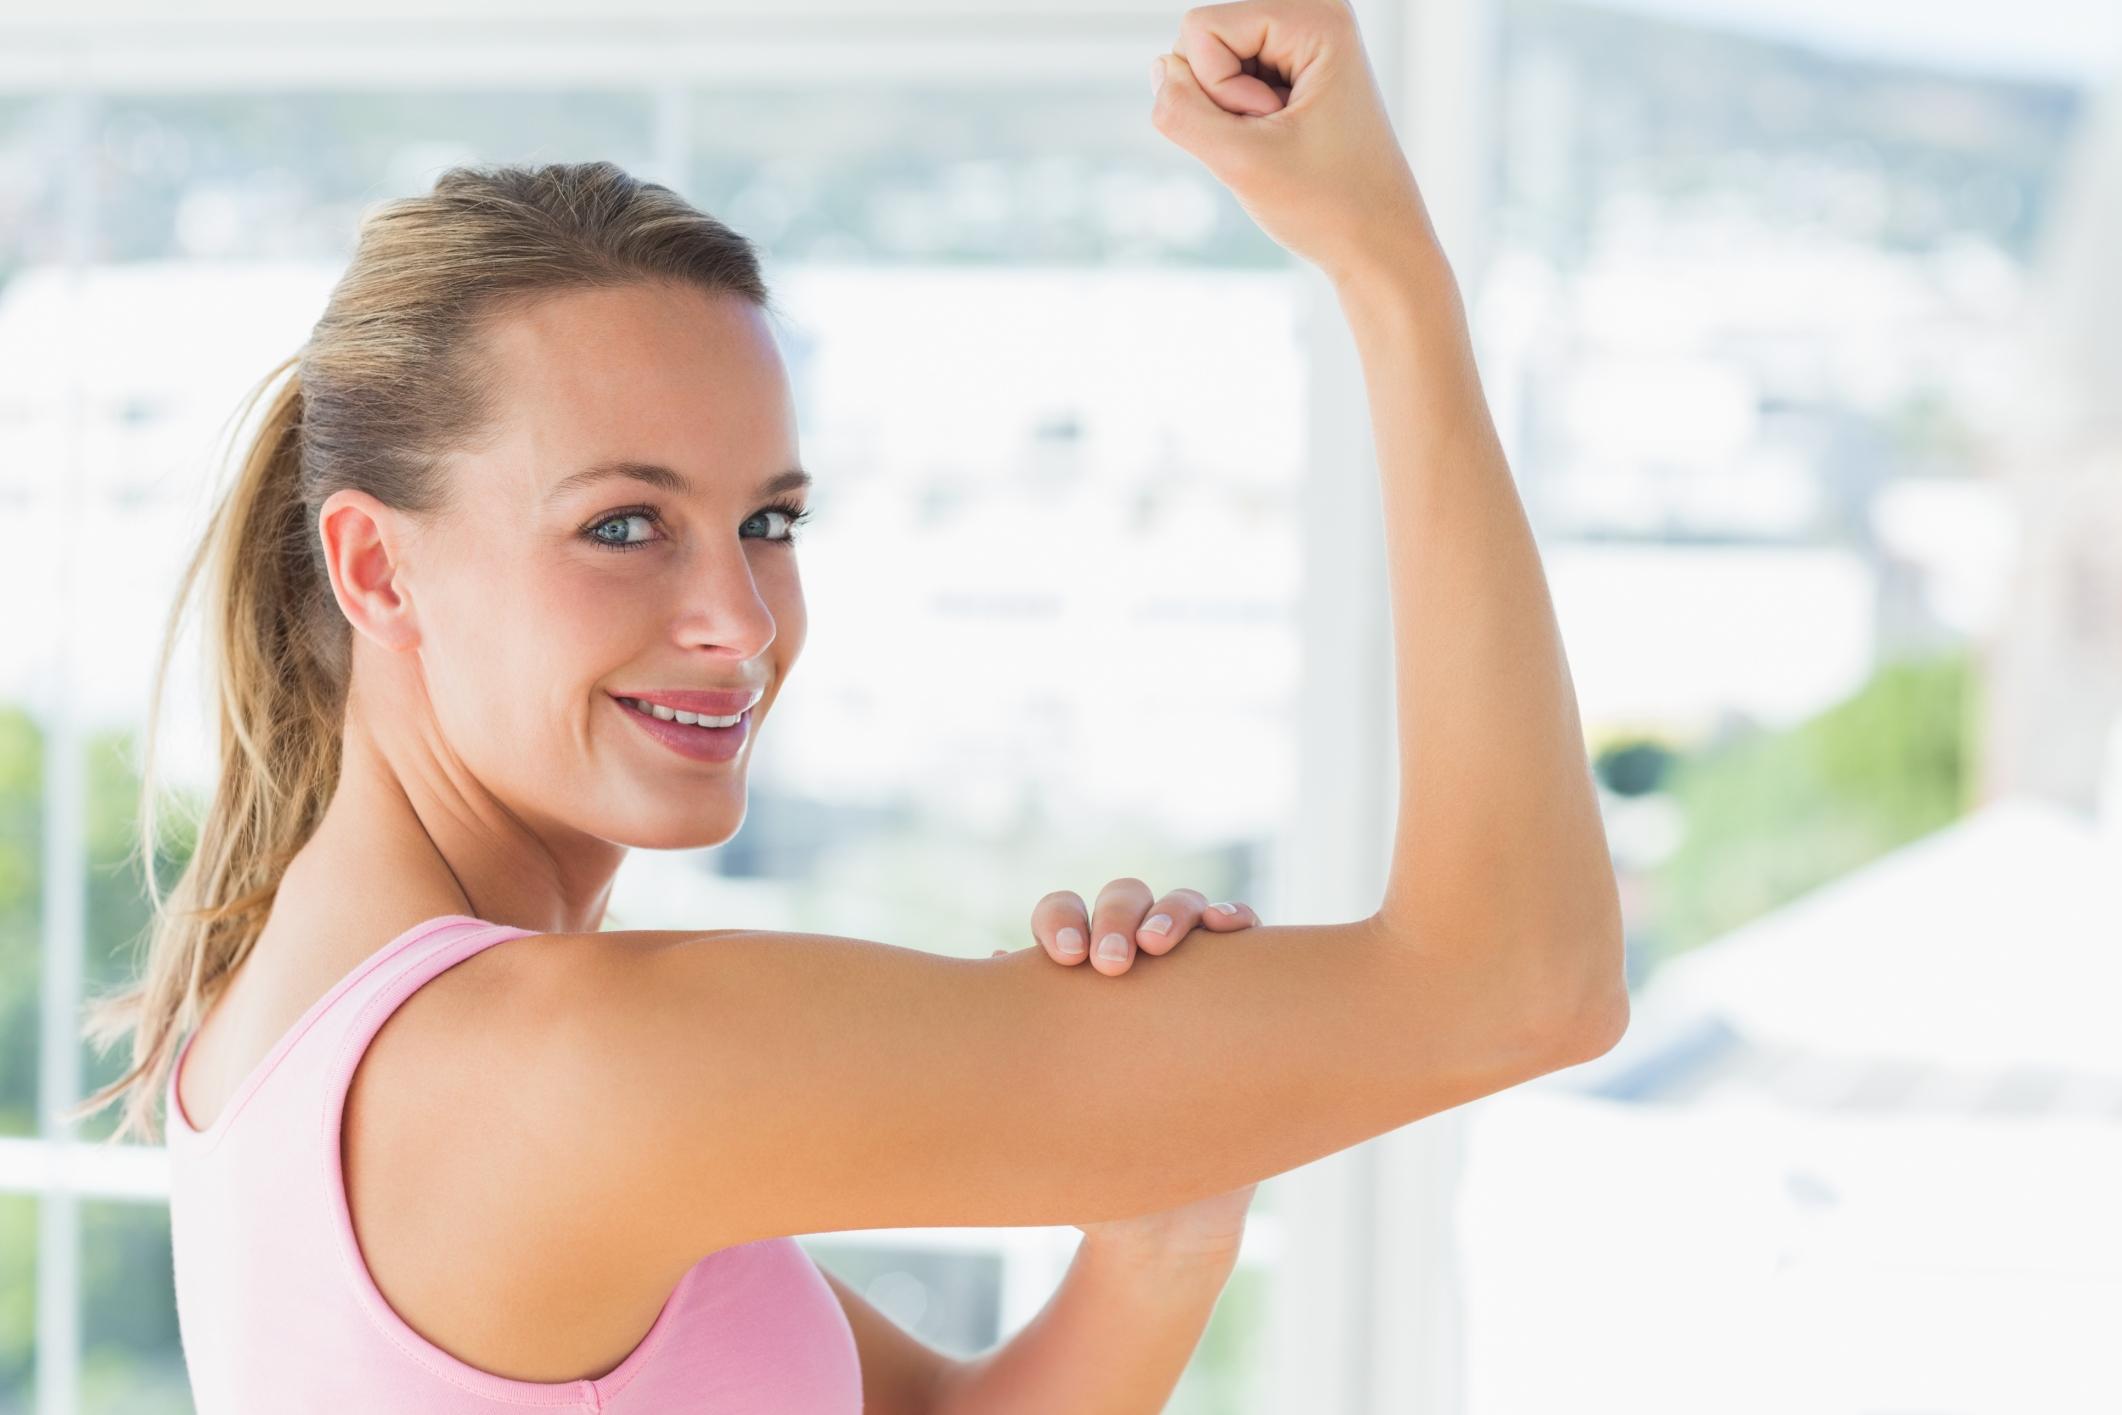 мотивировать себя к спорту